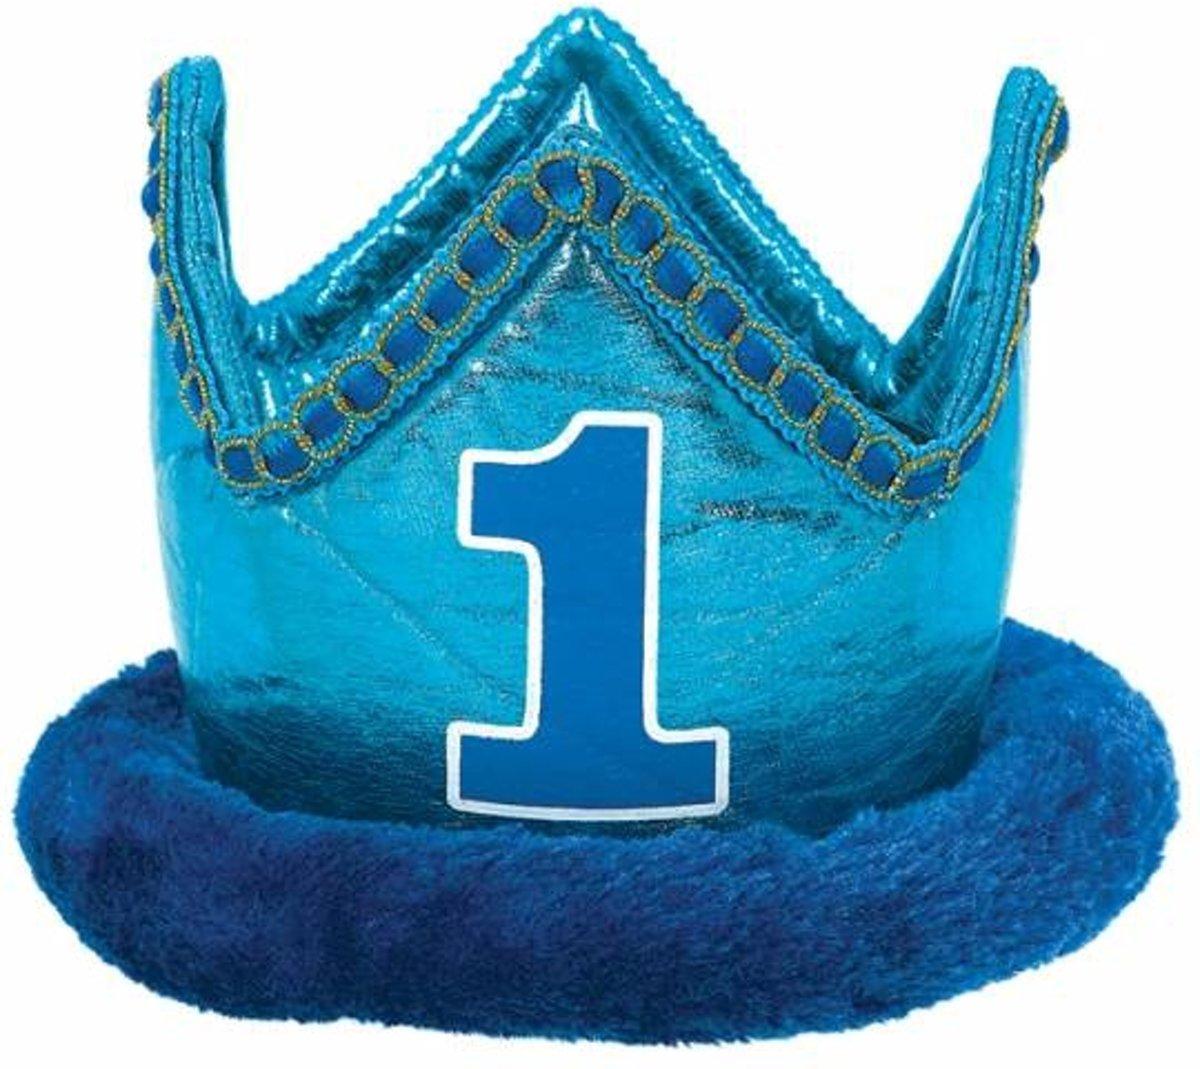 kroon 1 jaar bol.| 1 jaar jongen kroon, makkelijkfeestje | Speelgoed kroon 1 jaar